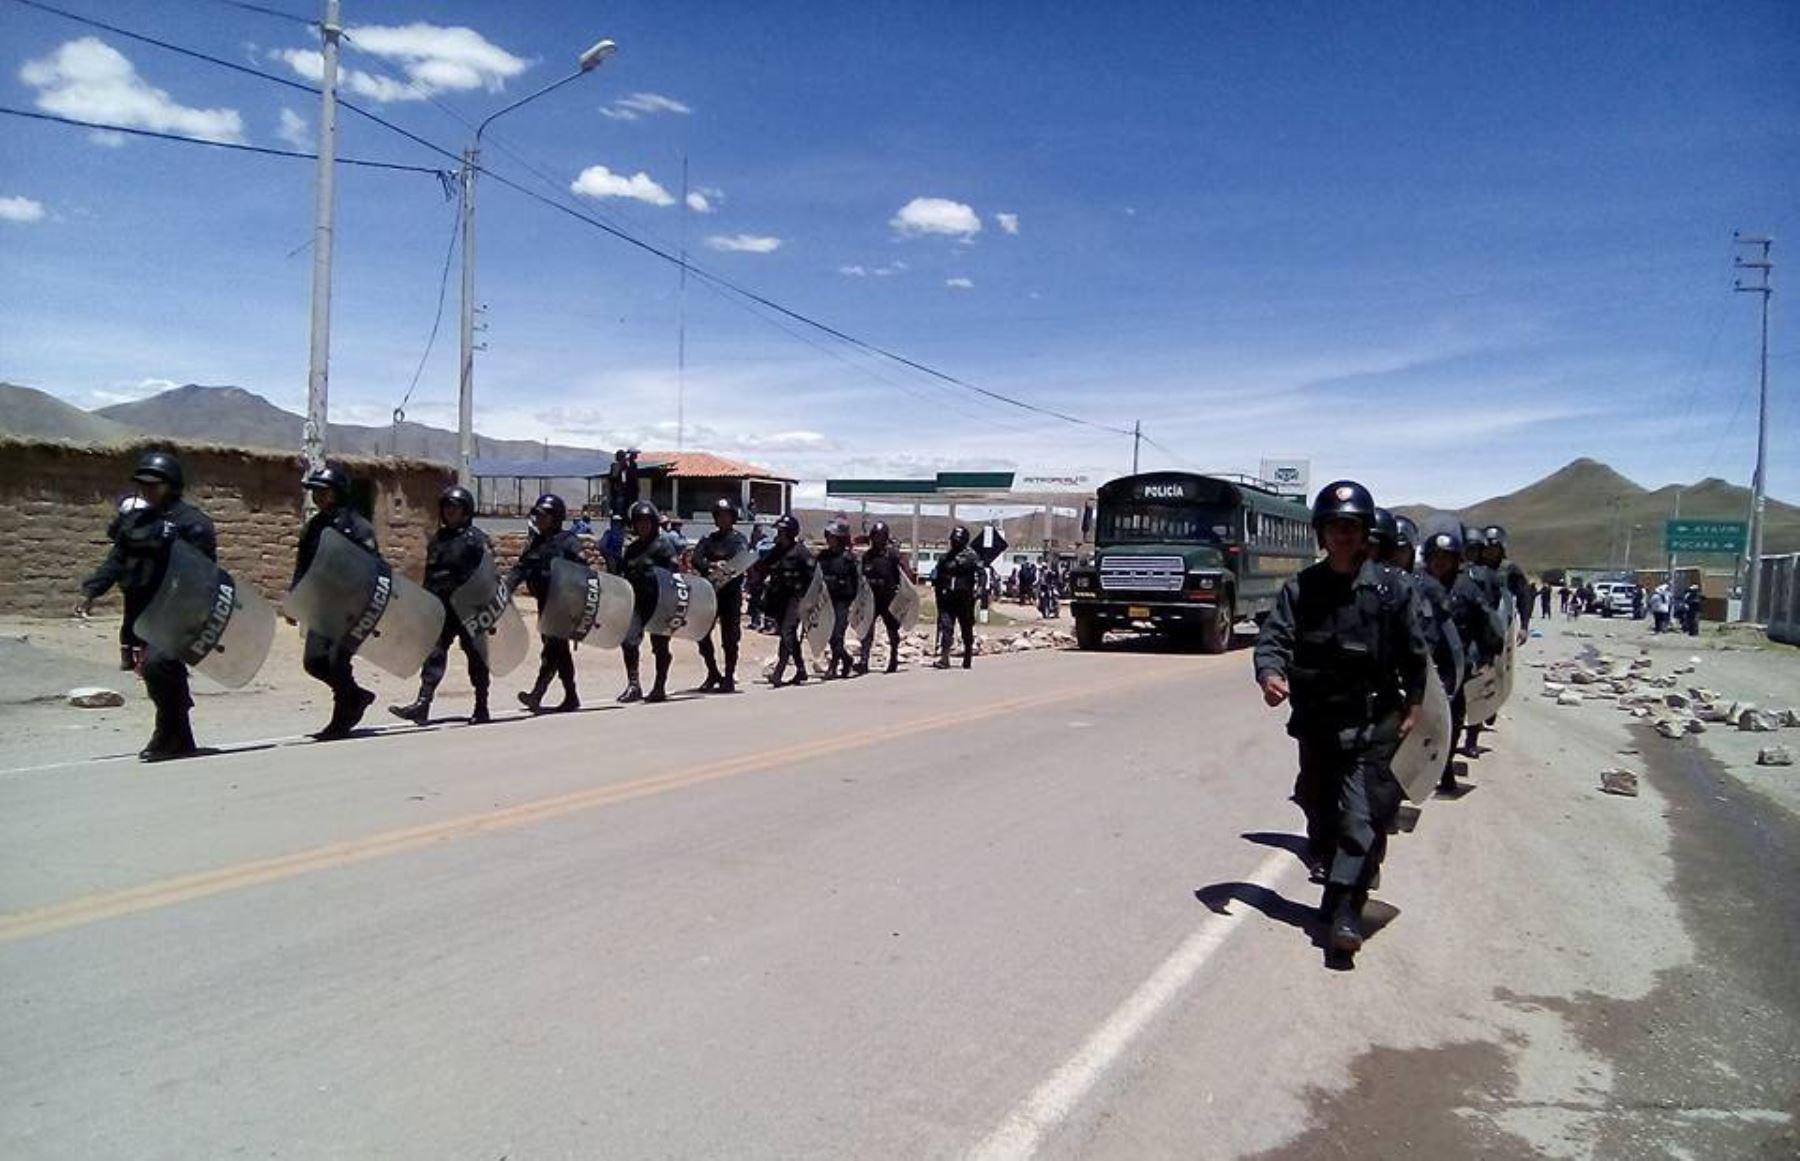 ¿Quién afecta el ordeno interno en Chumbivilcas? Un análisis del reciente estado de emergencia decretado contra las comunidades campesinas